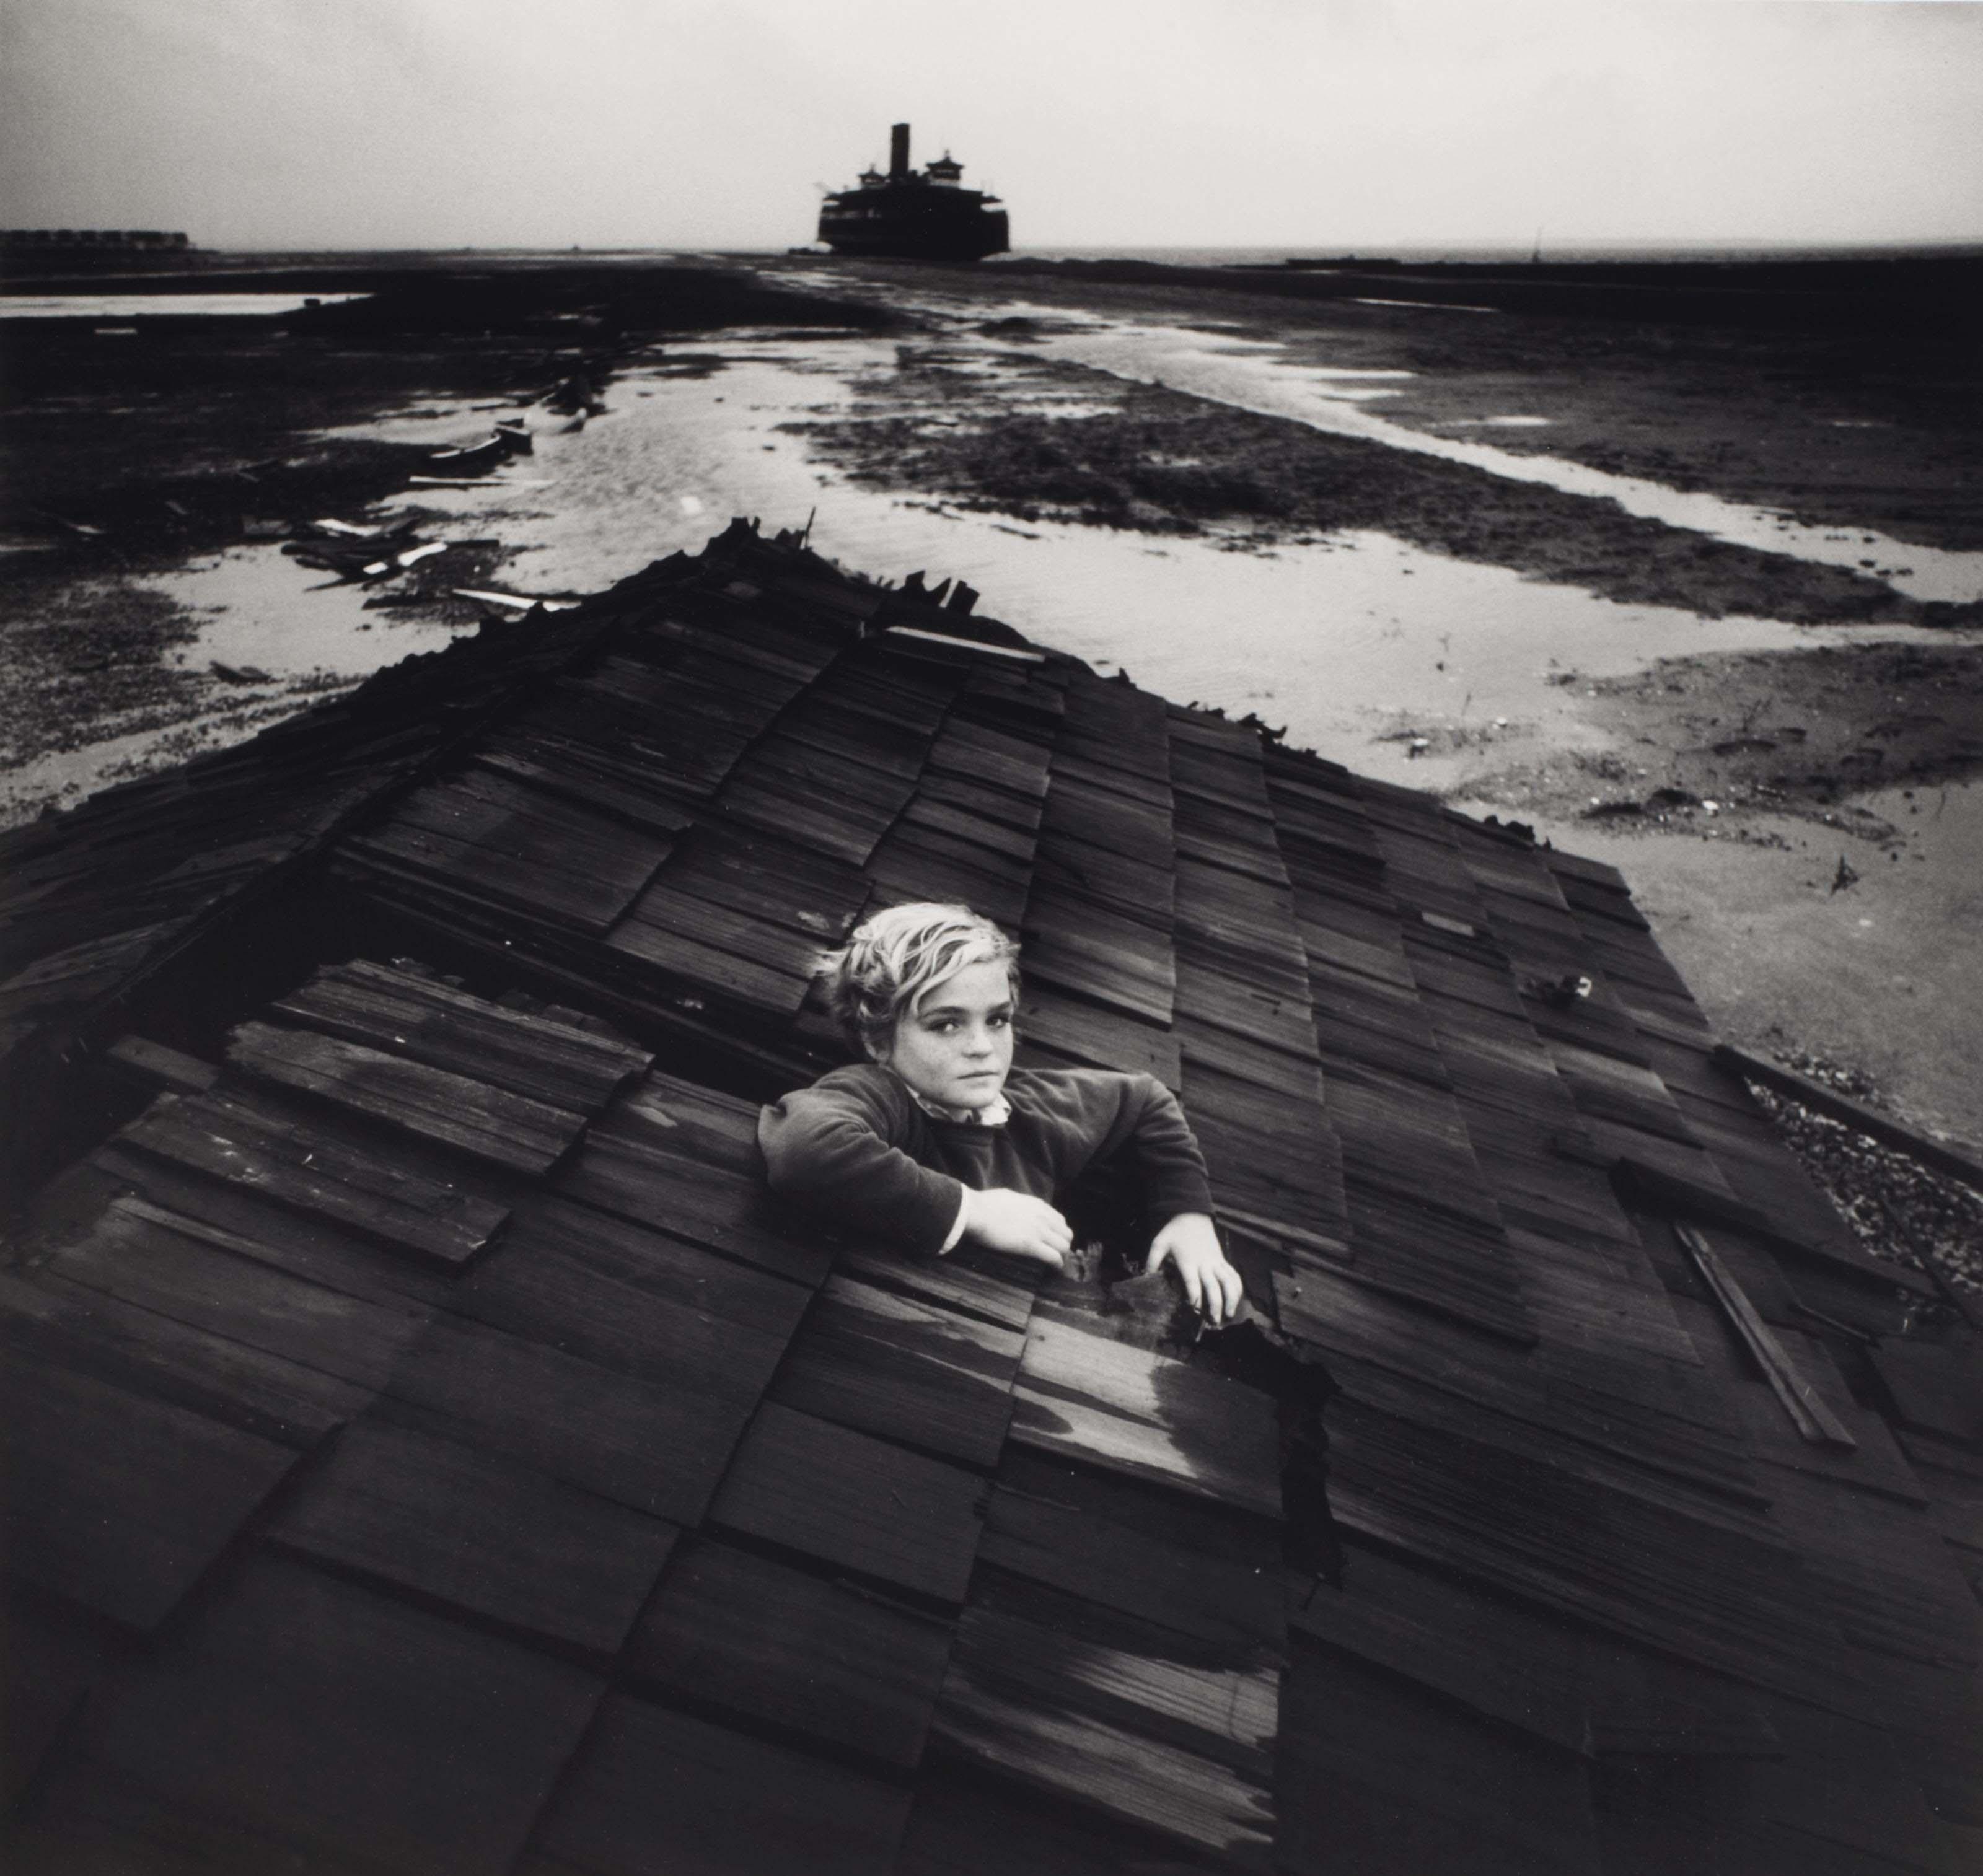 Boy in flood dream, 1971